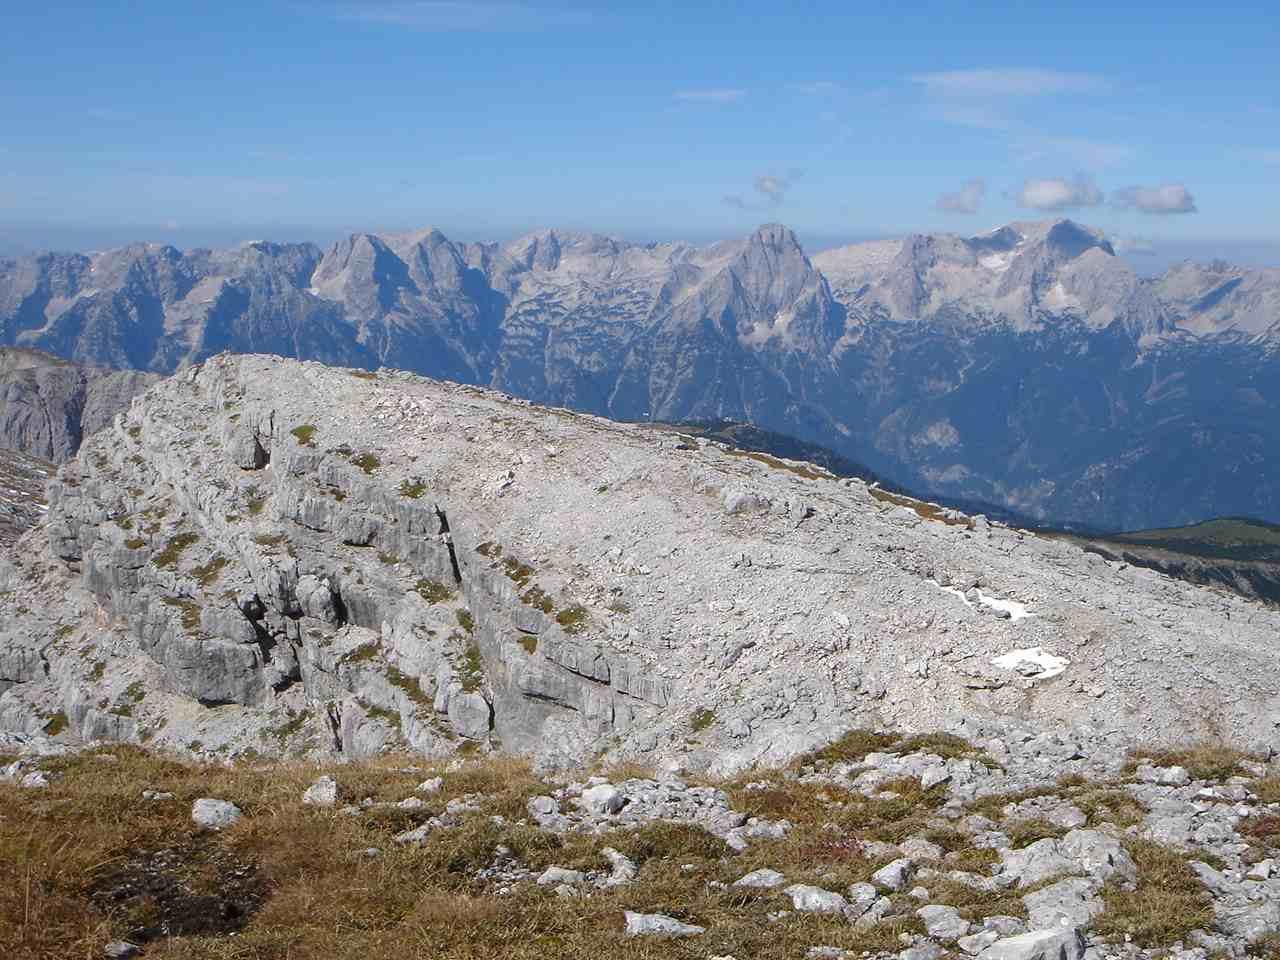 Foto: Manfred Karl / Wander Tour / Warscheneck über den SO-Grat / Traumhafter Blick auf den Ostteil des Toten Gebirges. / 05.05.2007 20:52:15